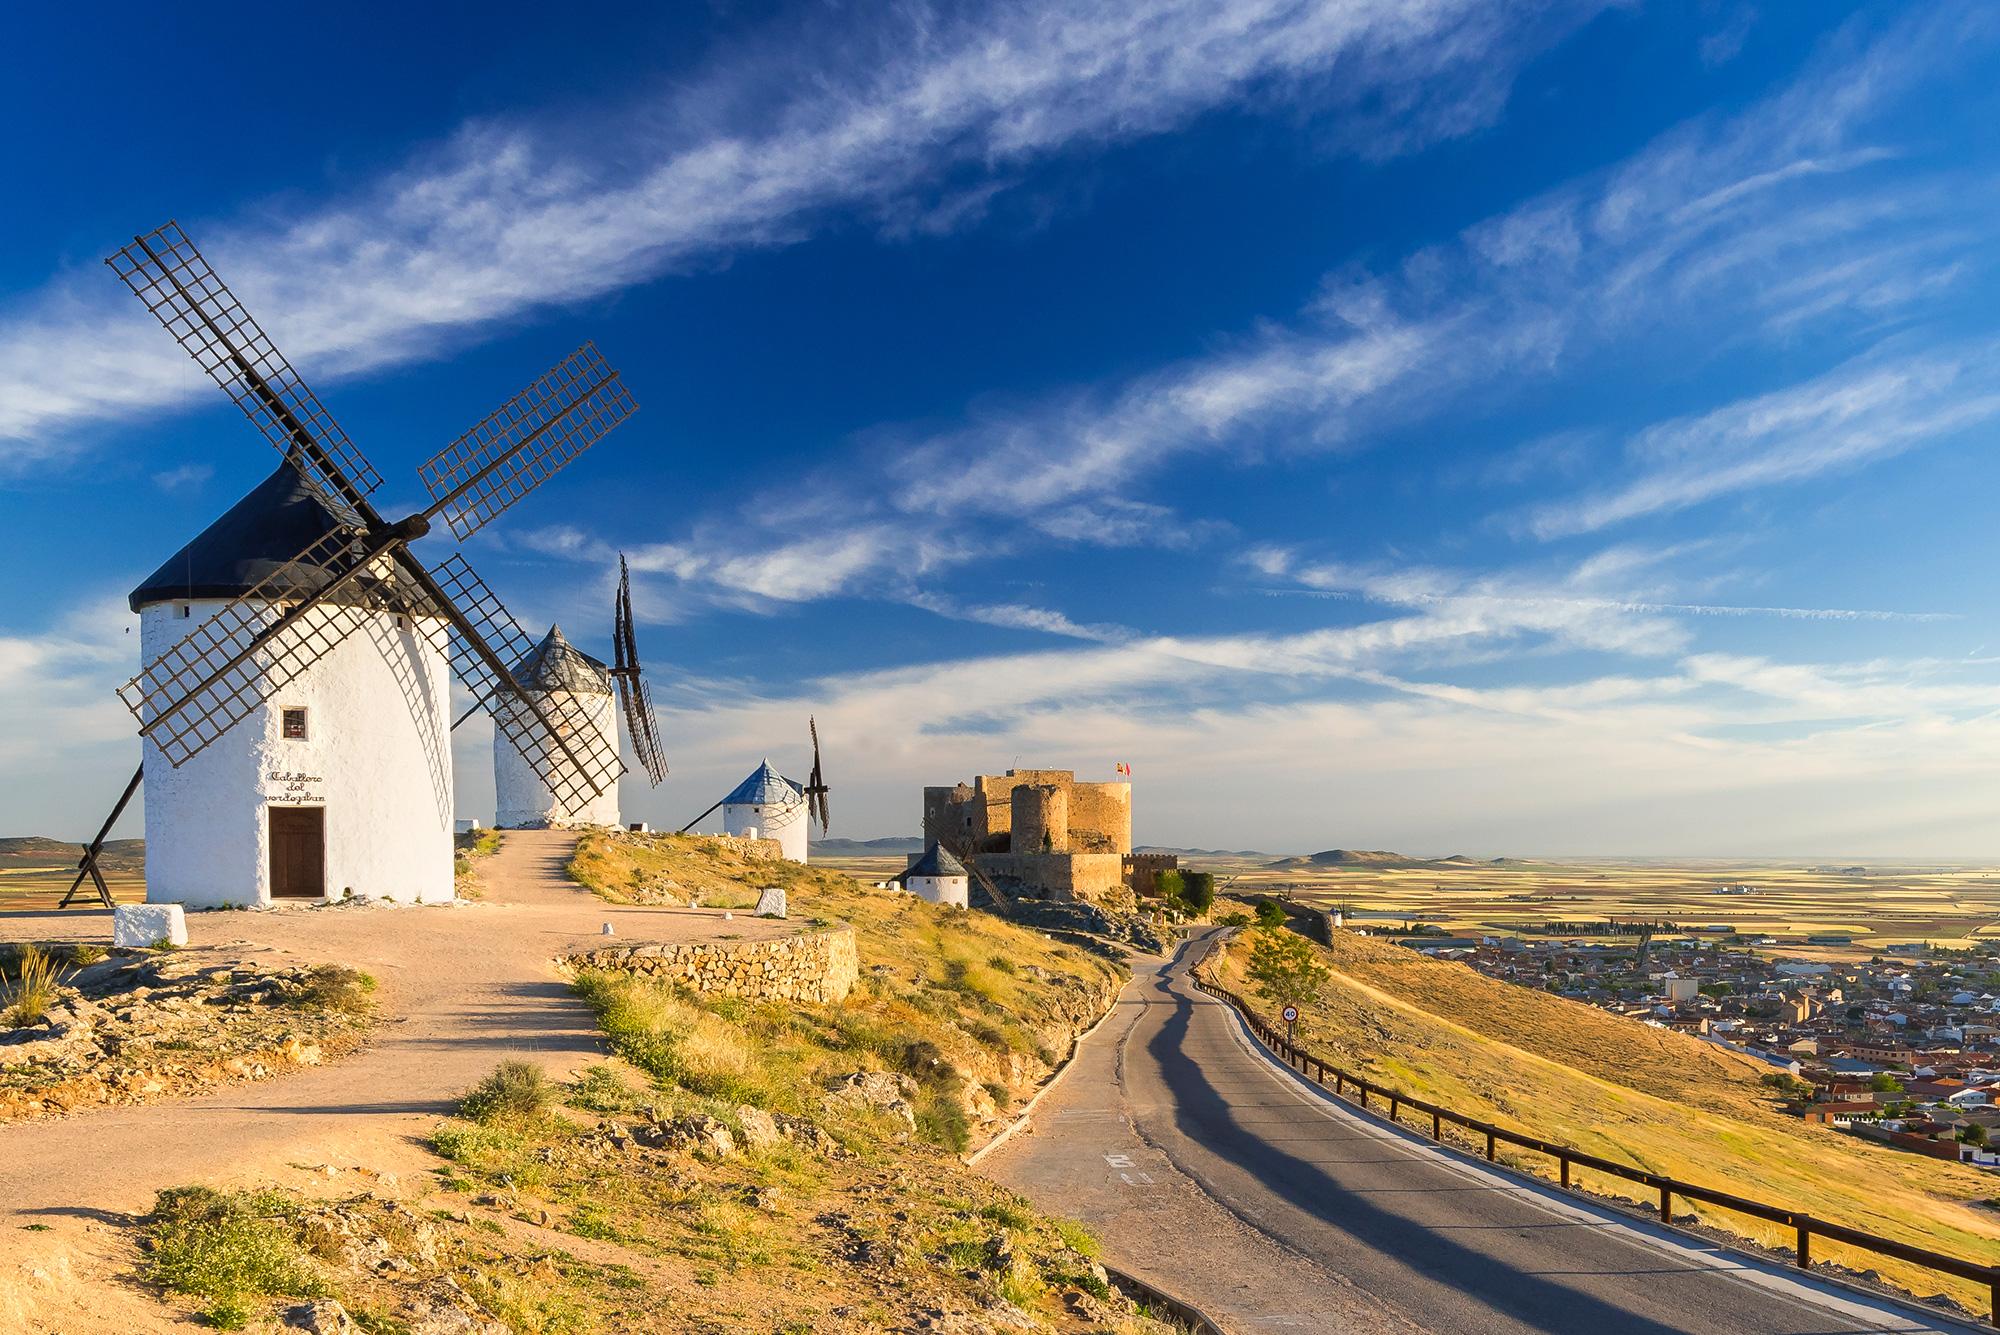 Déconfinement : L'Espagne ouvre ses frontières aux touristes dès juillet - Routard.com